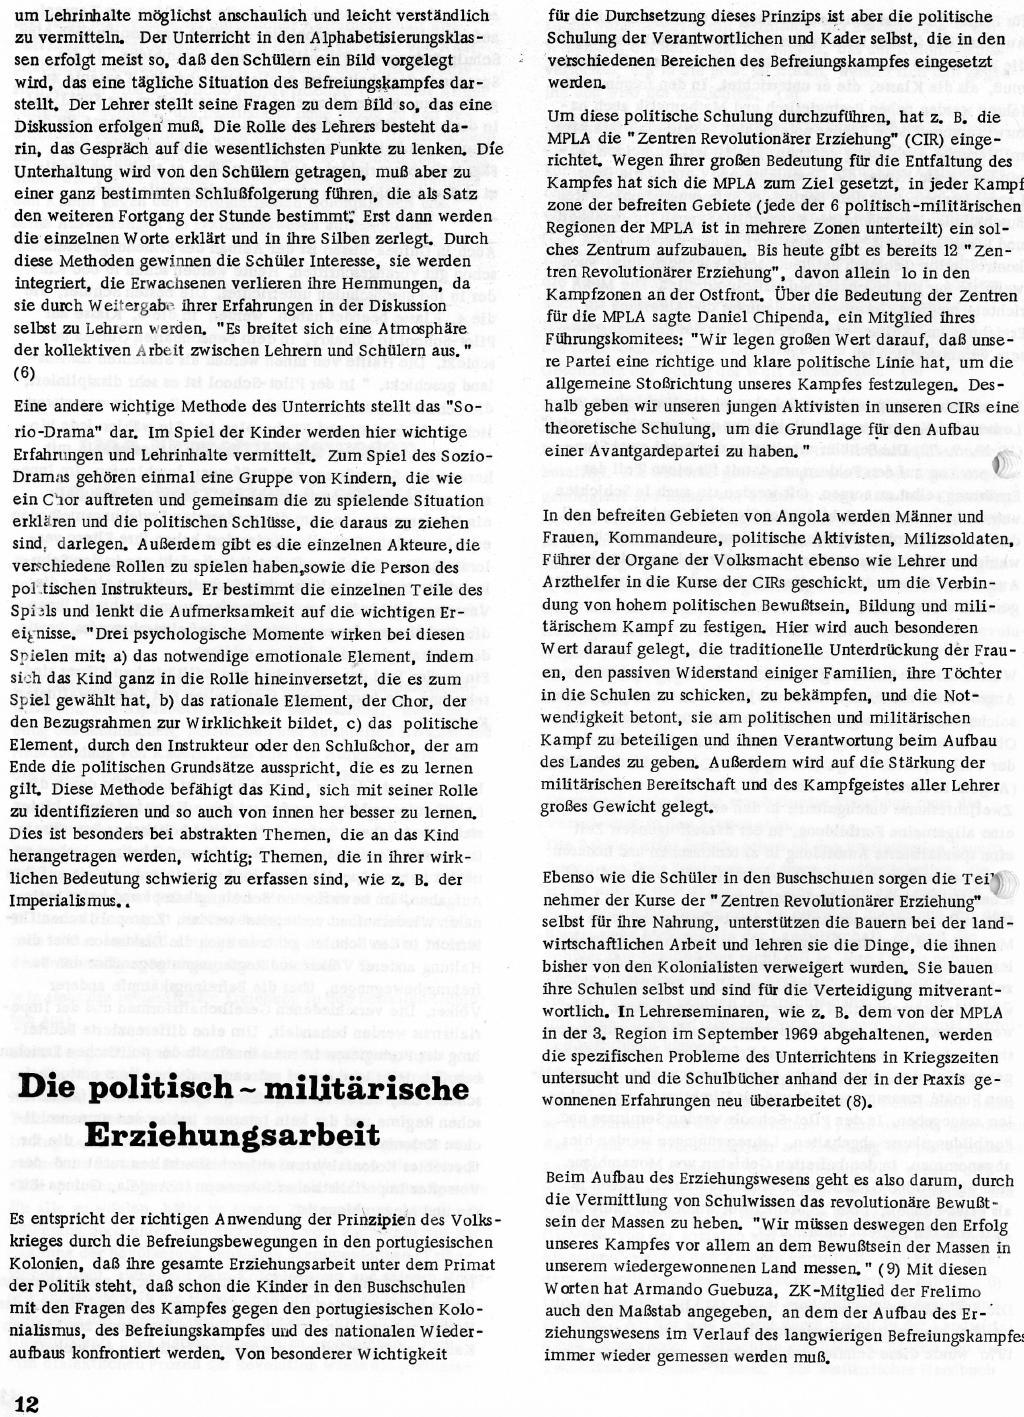 RPK_1972_184_185_12